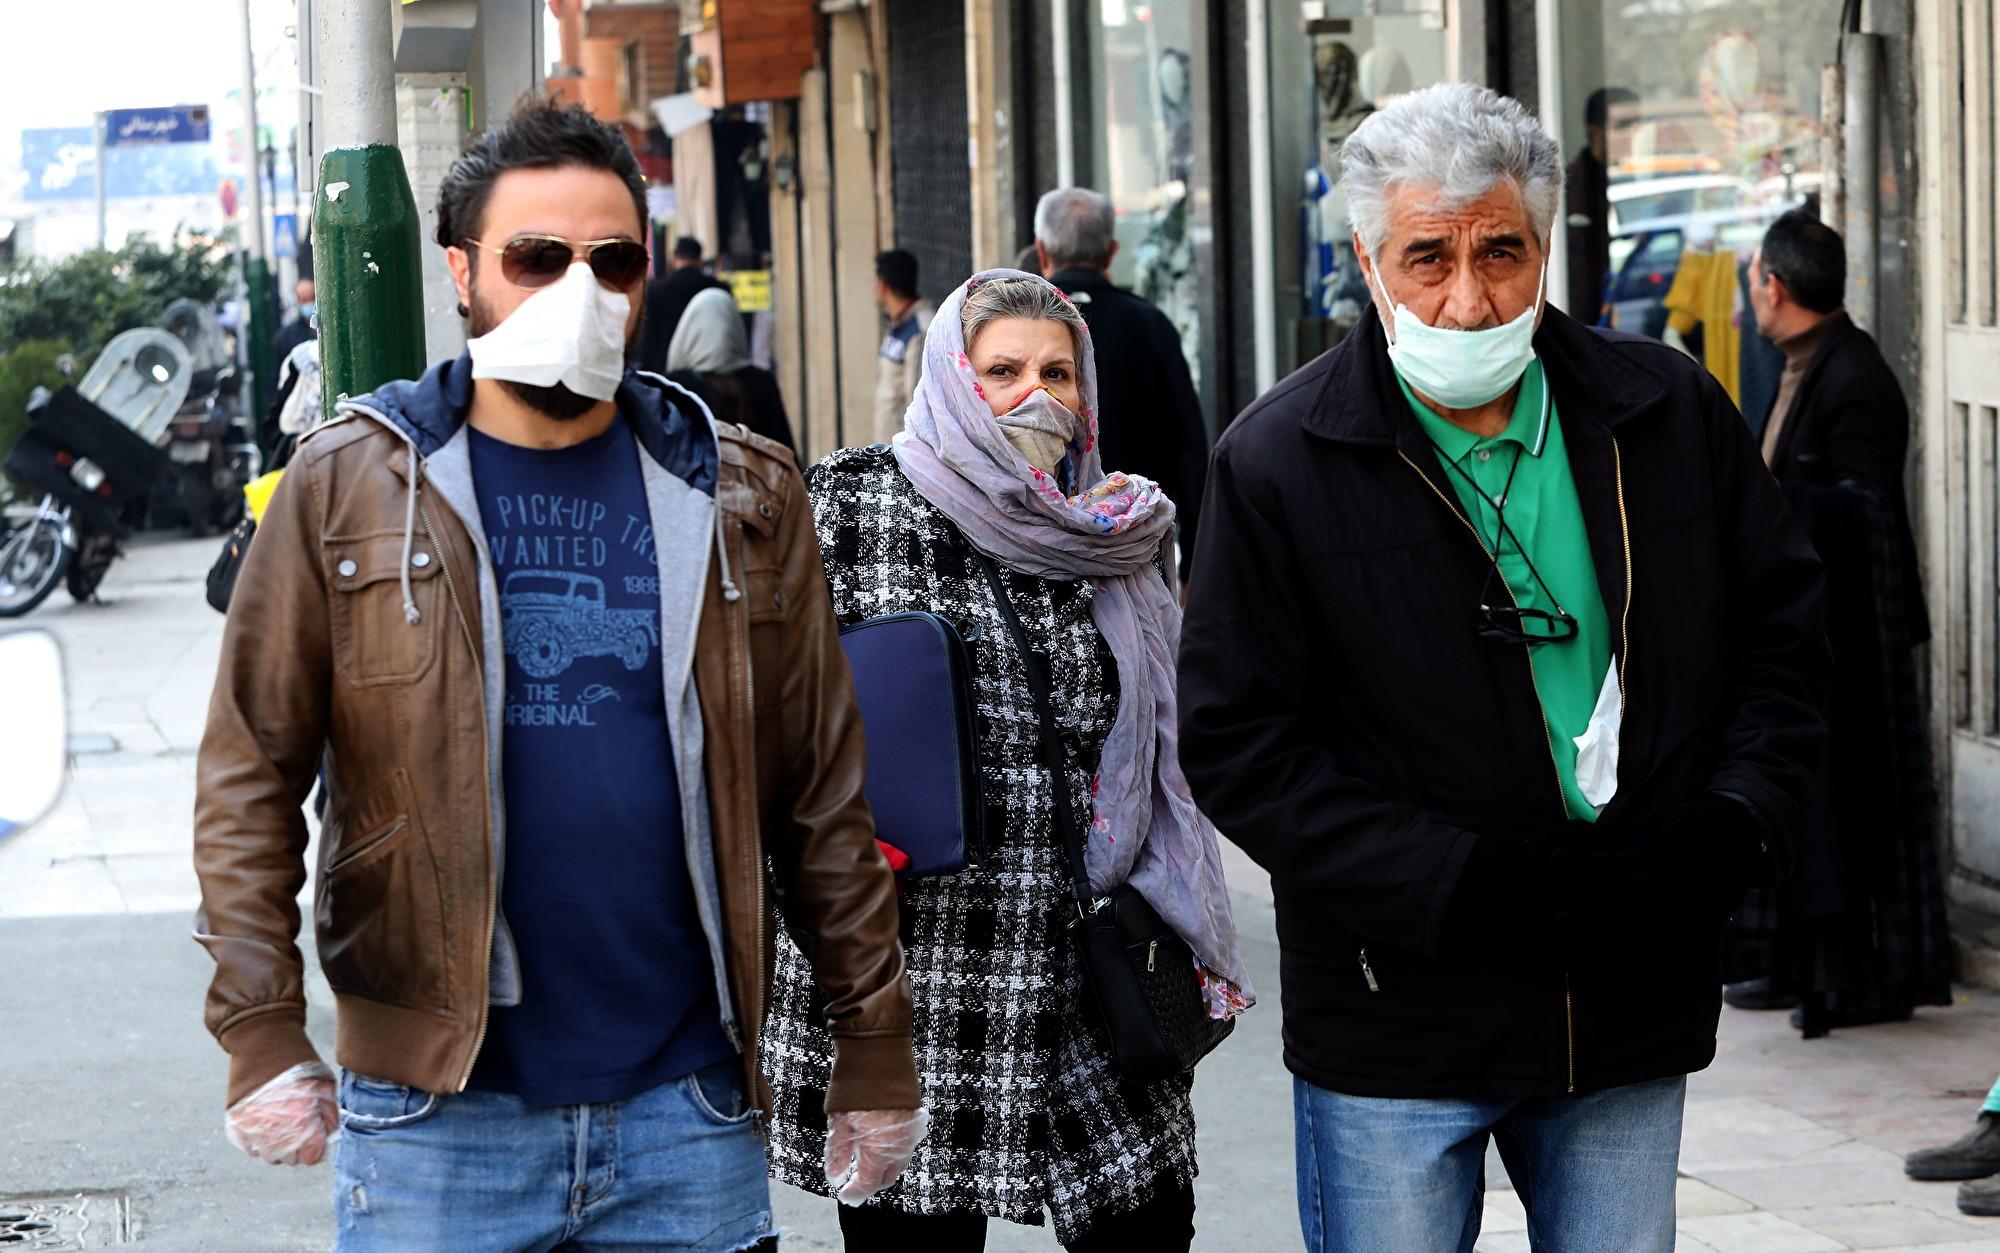 專家根據伊朗醫院披露的病例數推估,伊朗至少2.8萬人感染,大約是官方數據的9倍多。圖為2020年2月29日,中共肺炎疫情籠罩下的伊朗街頭行人。(ATTA KENARE/AFP)